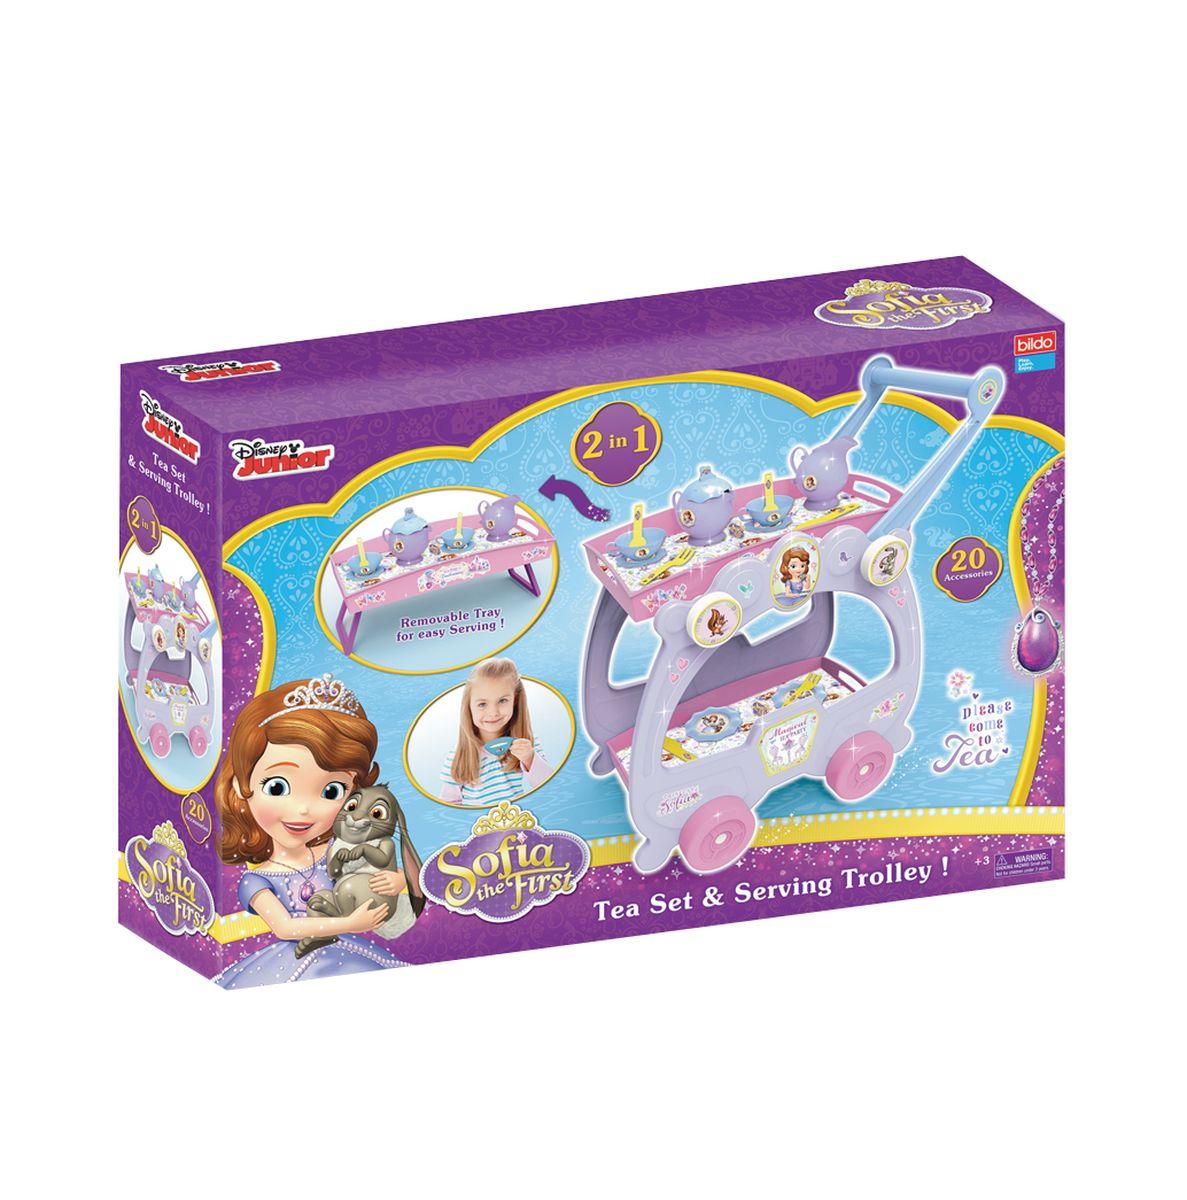 BILDO Игровой набор посуды с тележкой Принцесса София 2 в 1B 8506B 8506 Игровой набор посуды с тележкой Принцесса София 2 в1 В комплекте: столик, 2 чашечки, 2 блюдца, 2 ложки, 2 ножа, 2 вилки, 2 тарелки, чайник и кувшинчик для сливок(молока). Упаковка: Картонная коробка Размер упаковки ШГВ: 58,0 см.* 12,5 см.* 38,5 см. Размер игрушки тележки ШГВ:39,0 см.* 29,5 см.* 51,0 см. Размер игрушки столика ШГВ: 32,0 см.* 20,0 см.* 14,0 см. Возраст: 3+ Страна происхождения: Греция